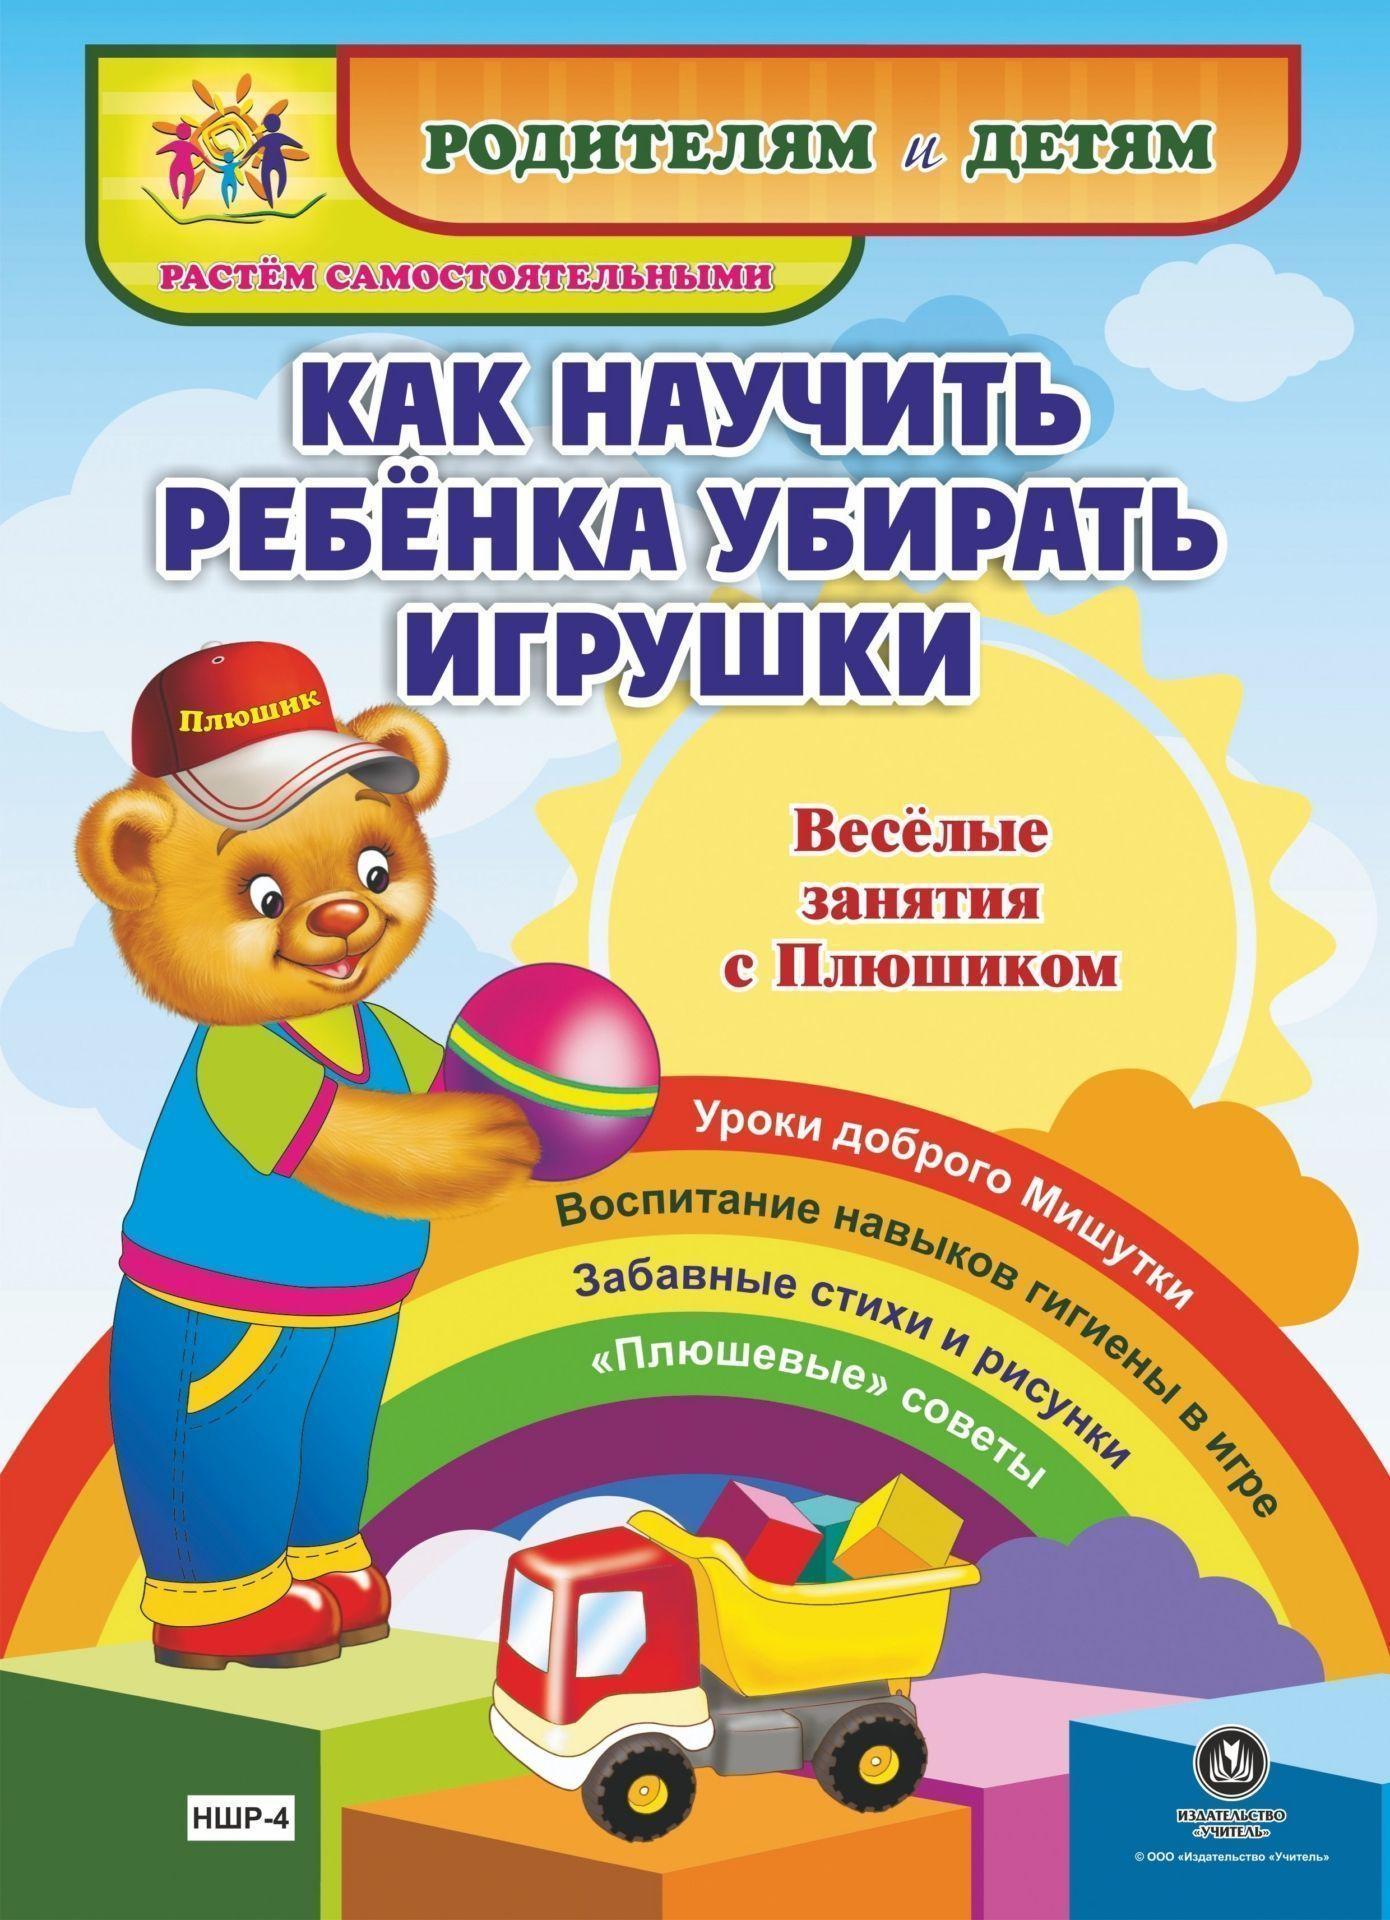 Как научить ребенка убирать игрушки. Веселые занятия с Плюшиком: уроки доброго Мишутки, воспитание навыков гигиены в игре, забавные стихи и рисунки, плюшевые советыДетские книги<br>Представляем книжку-гармошку Как научить ребенка убирать игрушки из серии Родителям и детям. Растем самостоятельными. Замечательное пособие повествует о том, как любимый детьми герой - мишутка Плюшик - с удовольствием делится на страницах красочной кн...<br><br>Год: 2017<br>Серия: Родителям и детям. Растём самостоятельными<br>Высота: 290<br>Ширина: 210<br>Переплёт: набор